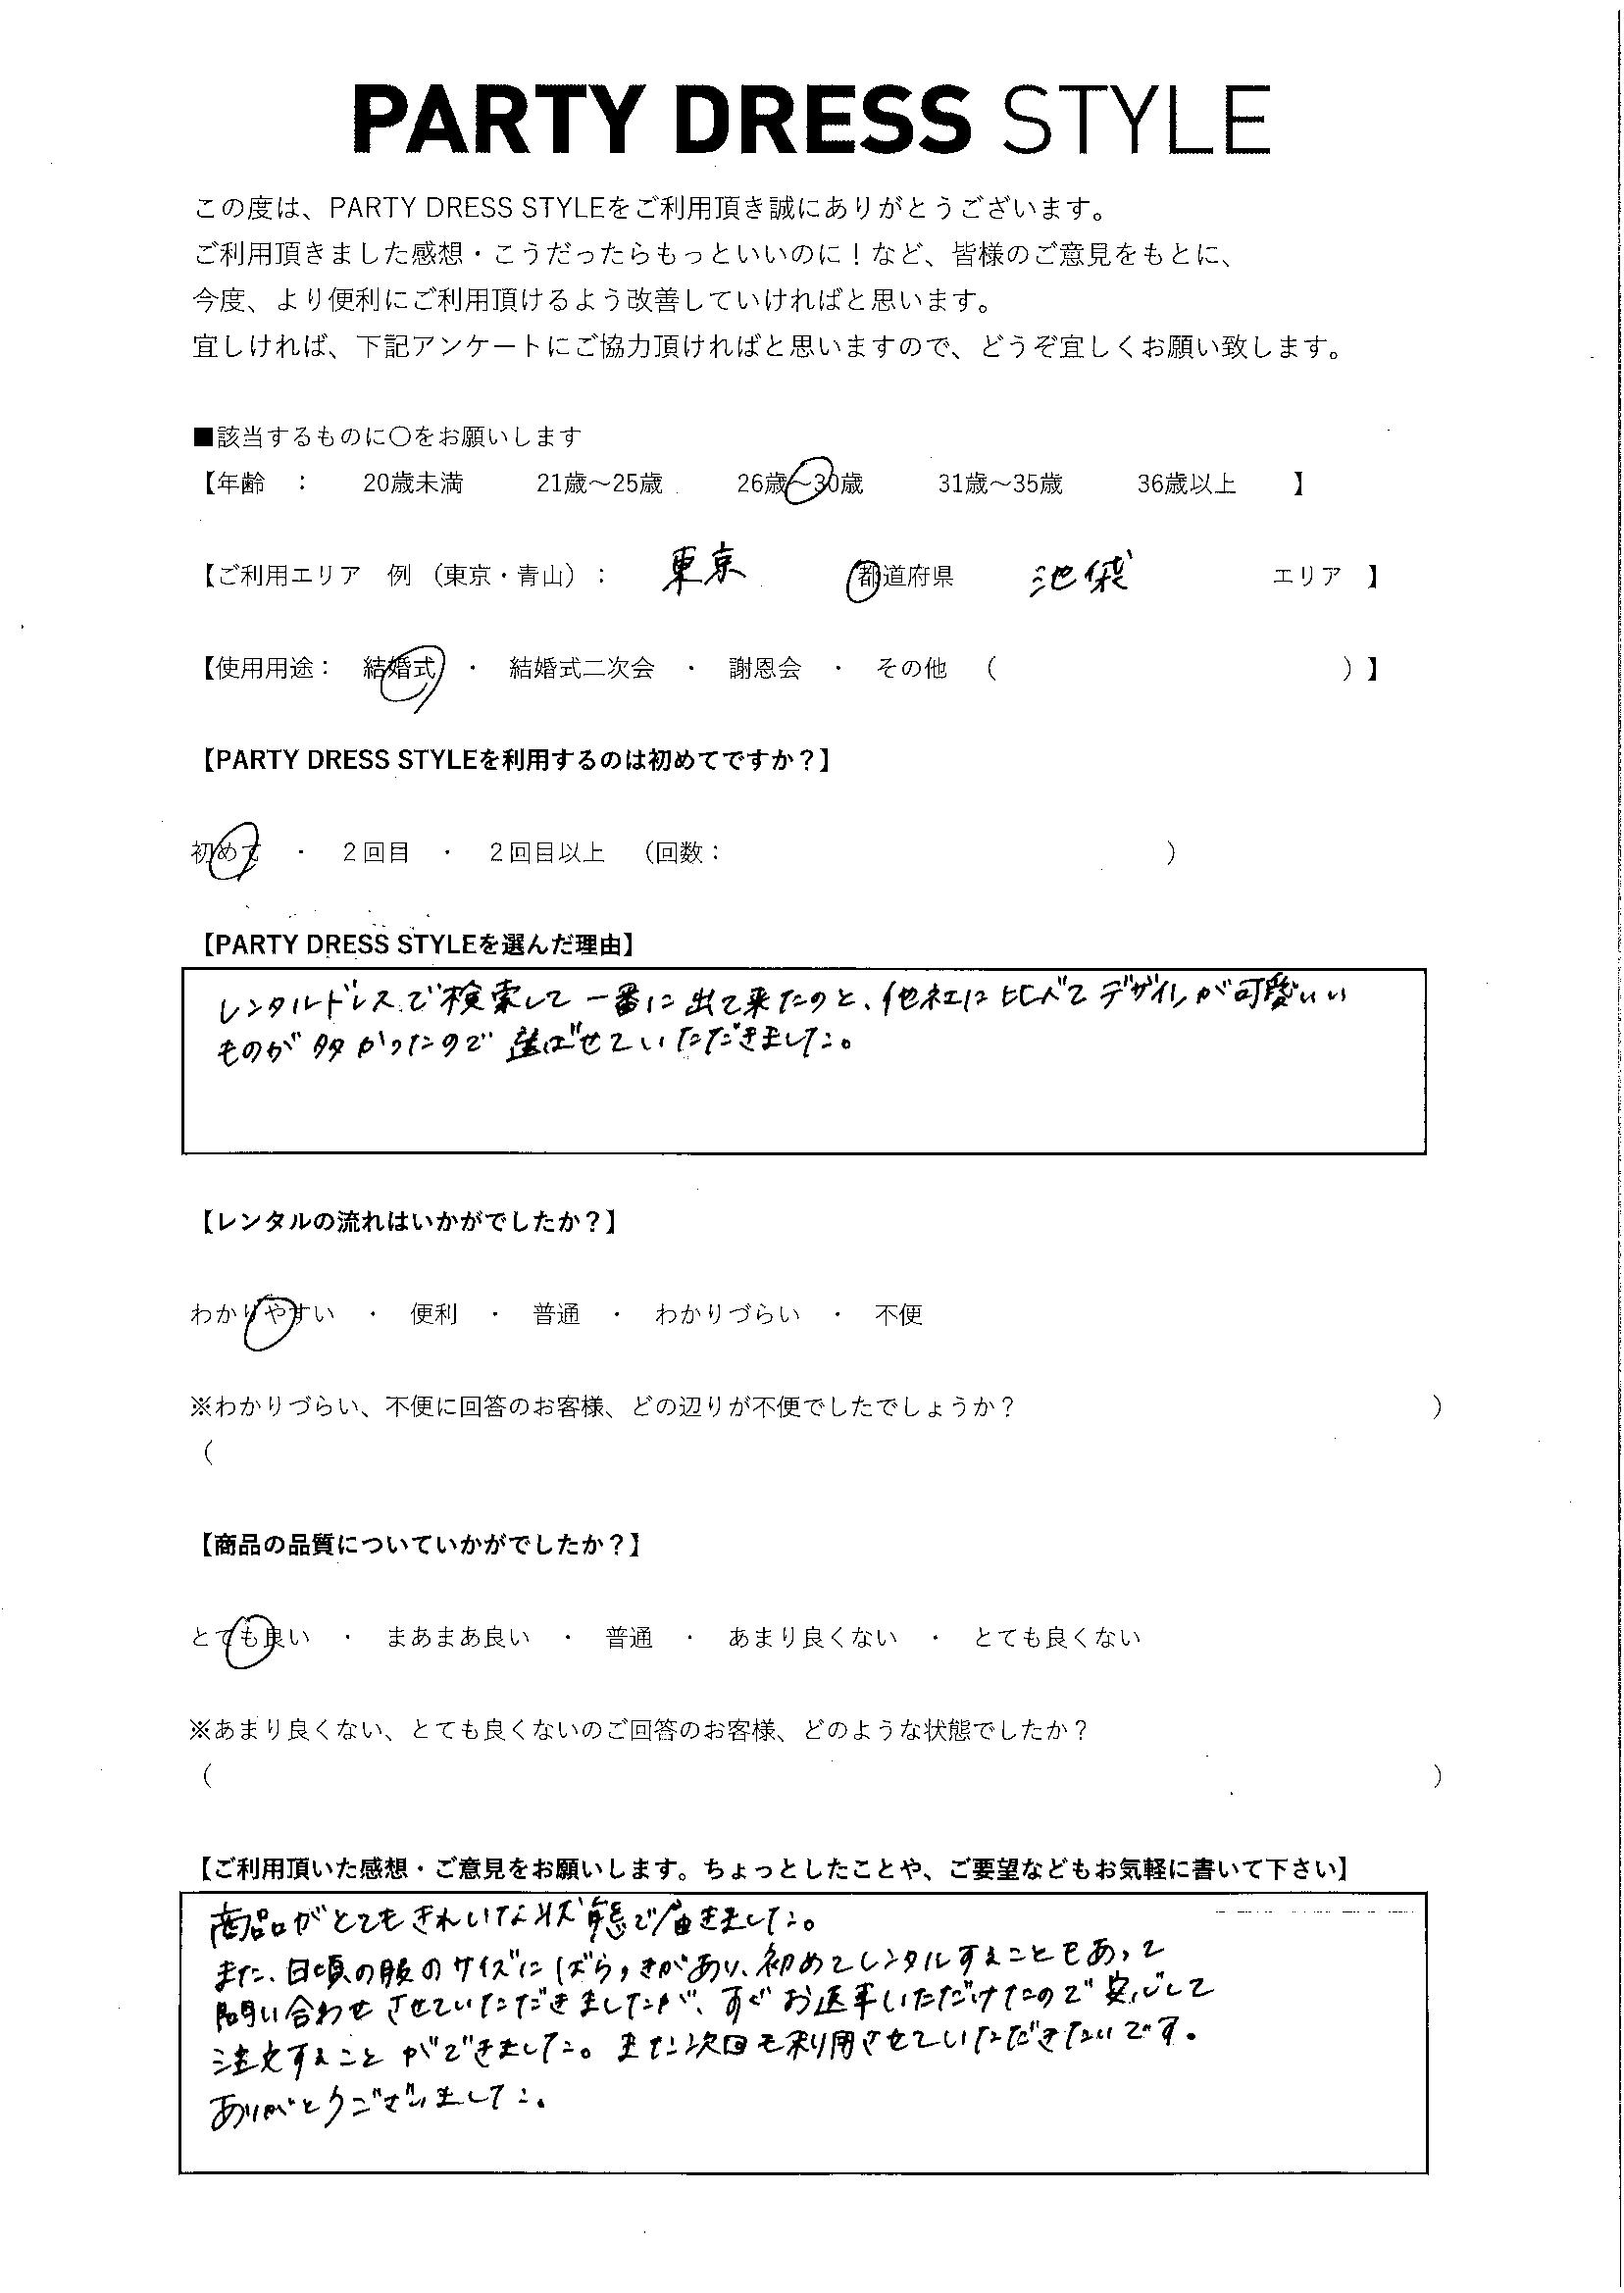 2/14結婚式ご利用 東京・池袋エリア